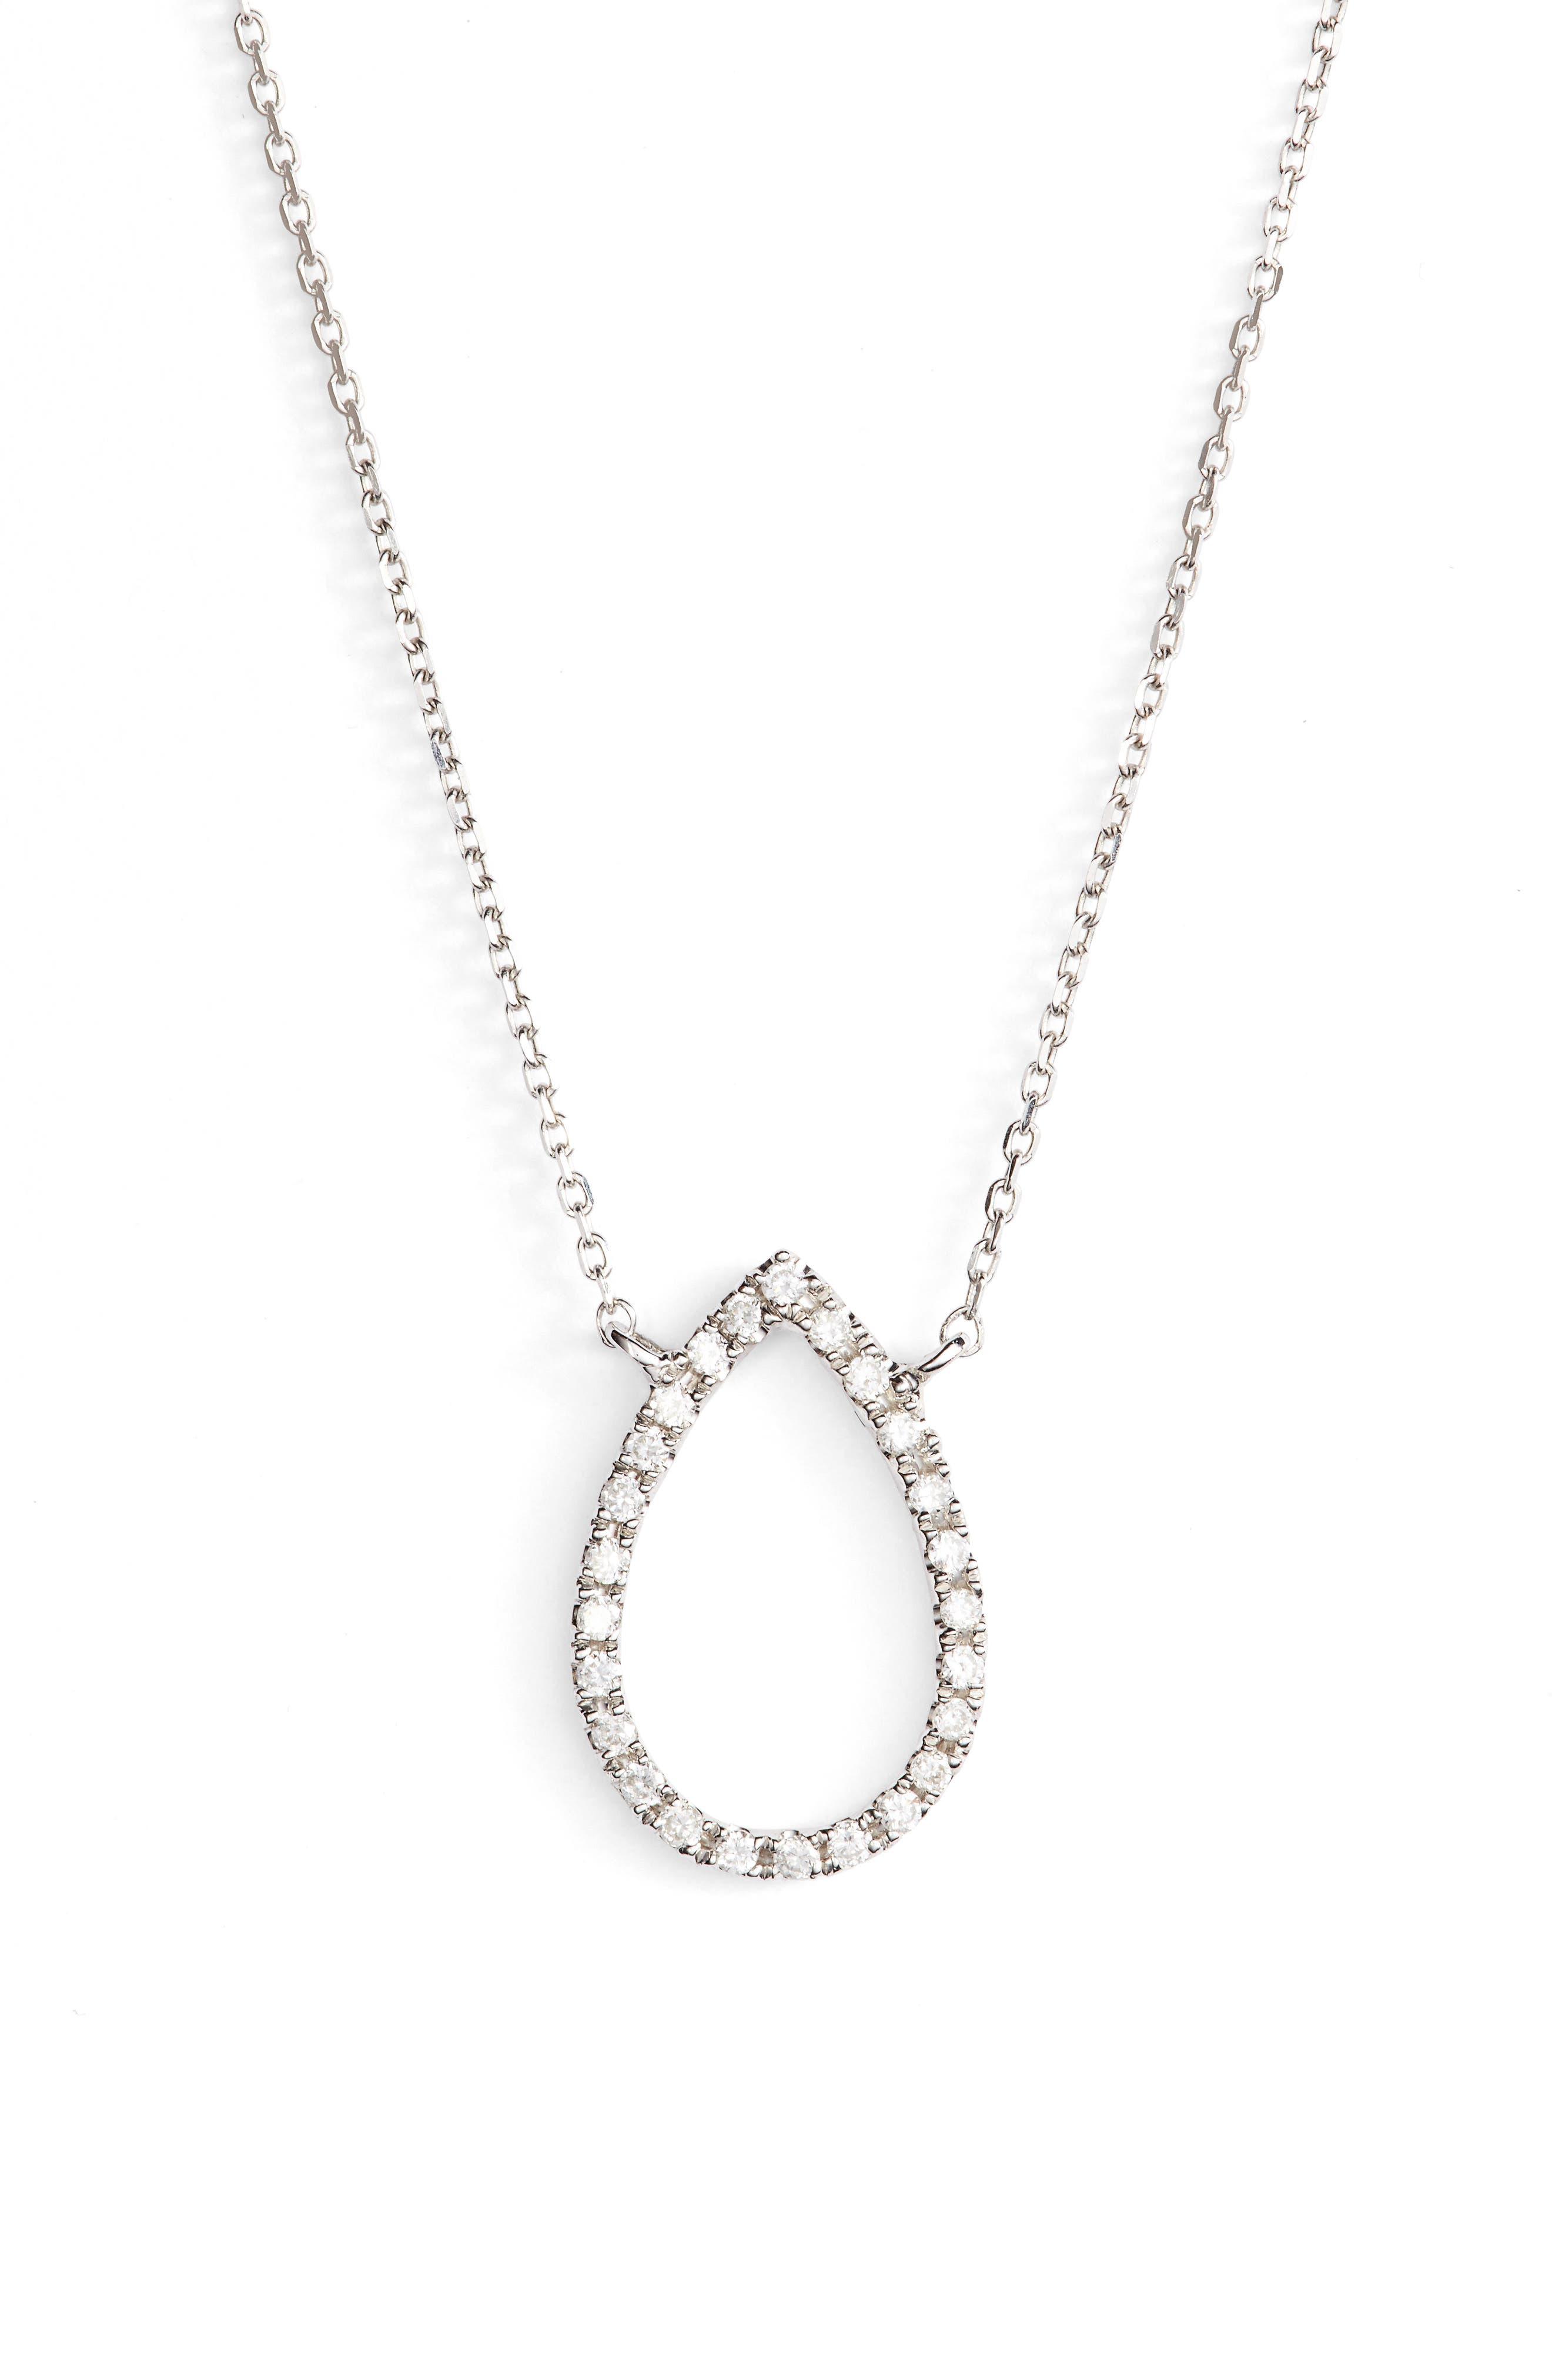 DANA REBECCA DESIGNS Marquise Diamond Pendant Necklace, Main, color, WHITE GOLD